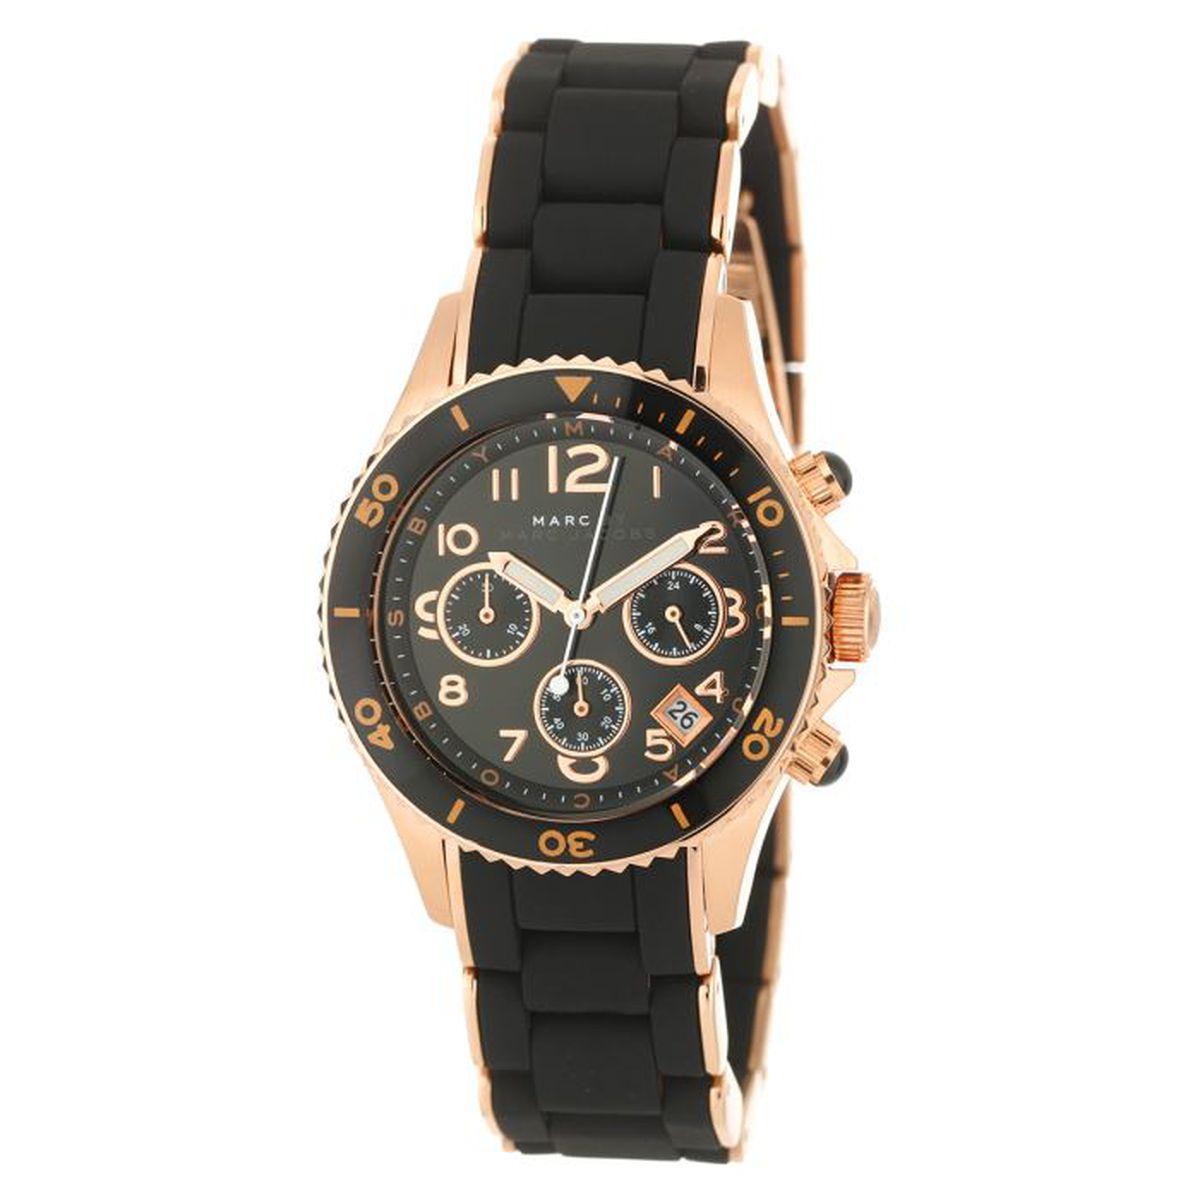 2be75cc926d0ef MARC BY MARC JACOBS Montre MBM2553 Femme , - Achat vente montre ...